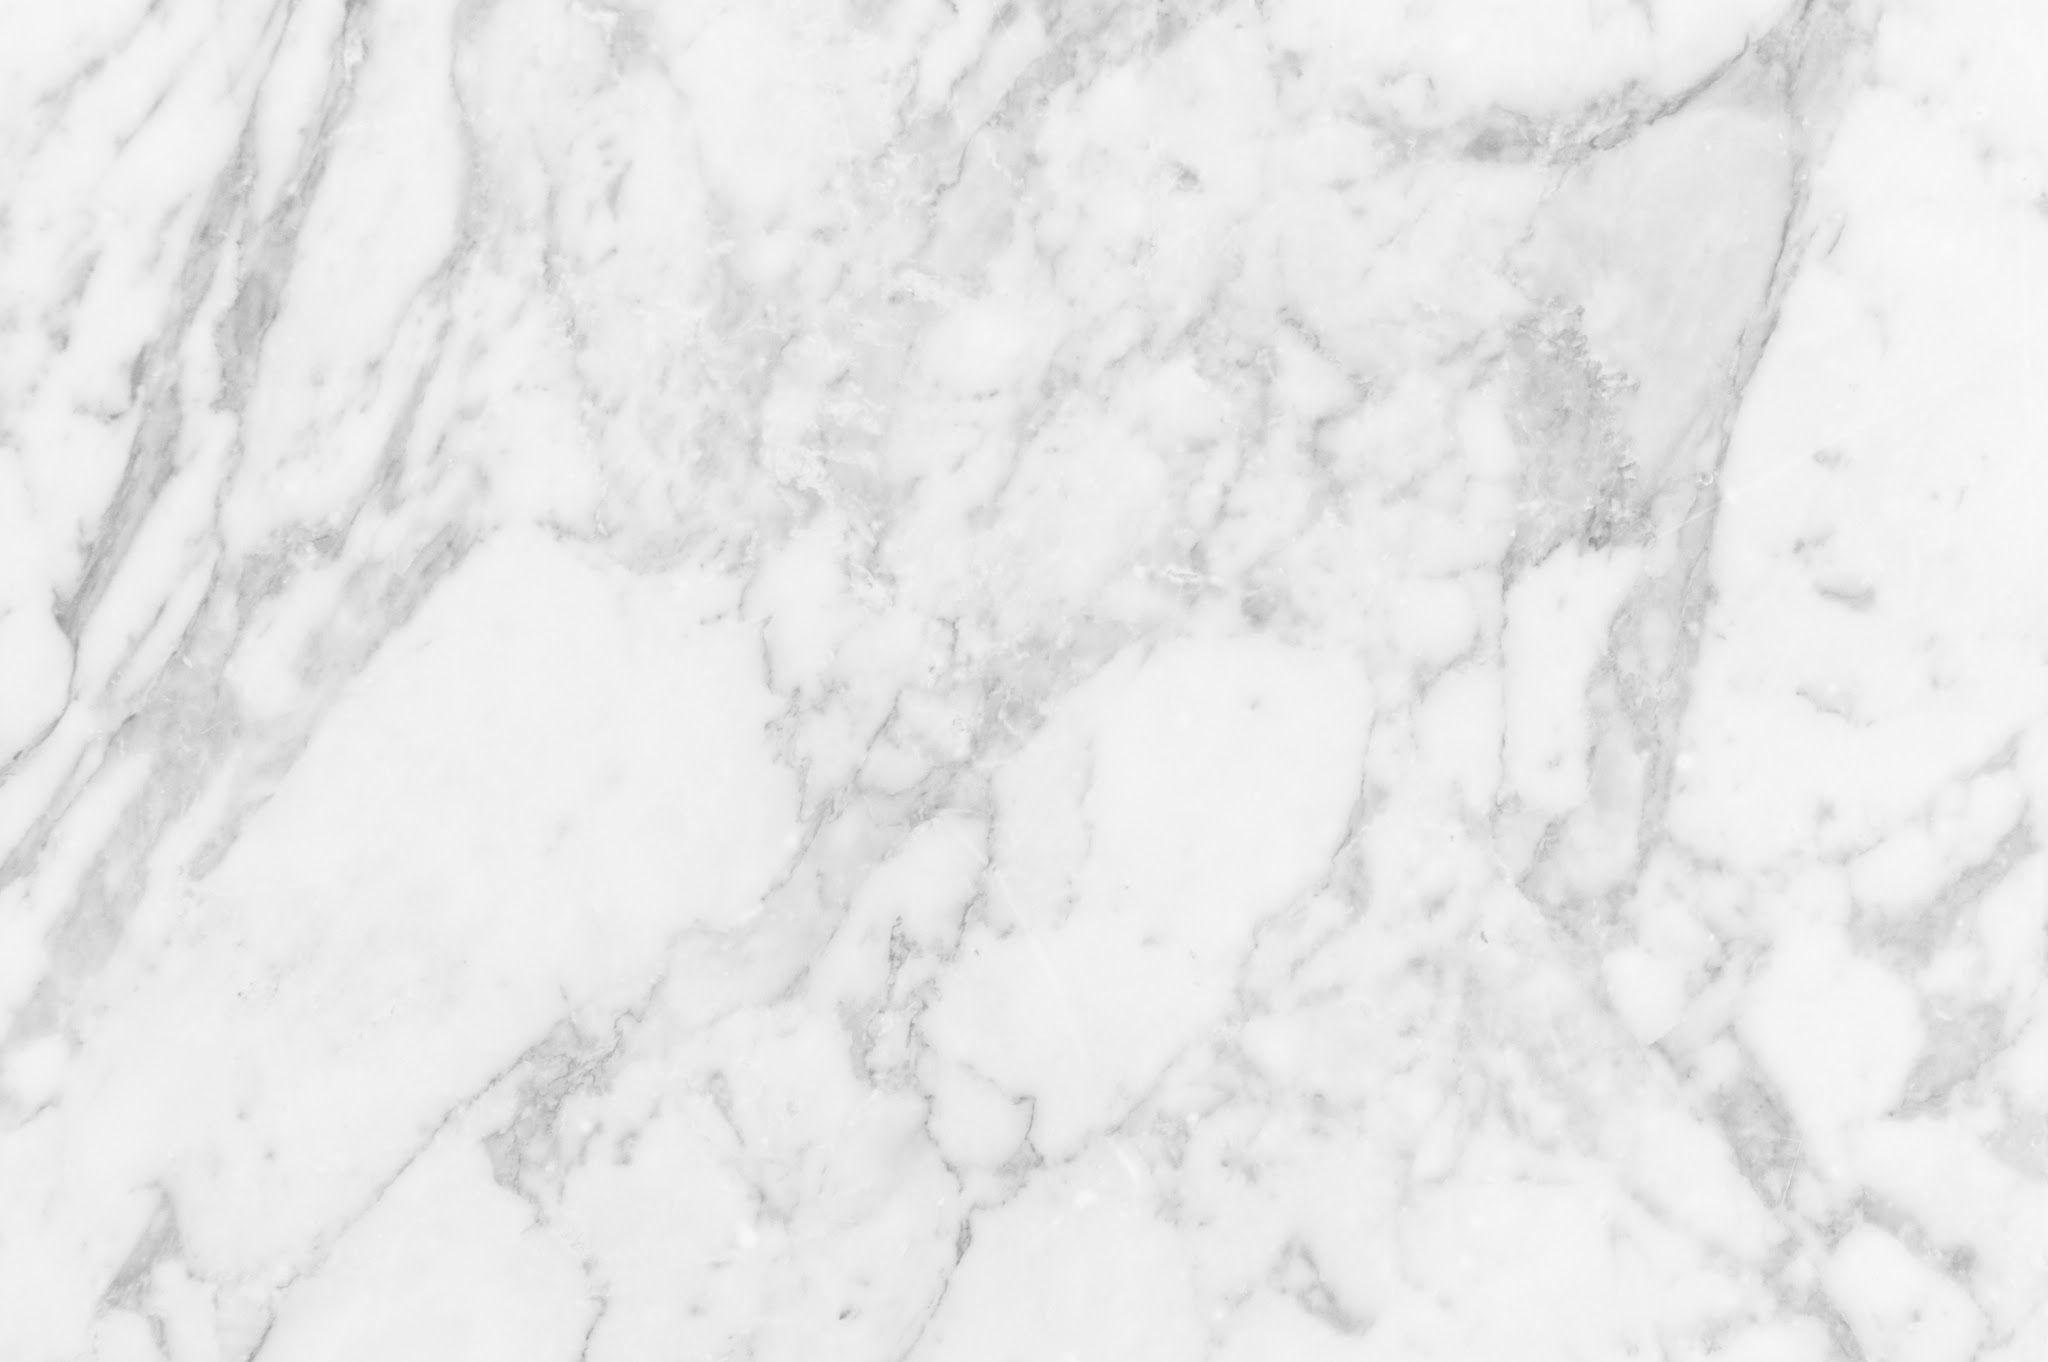 white marble texture 2jpg 20481362 material Pinterest